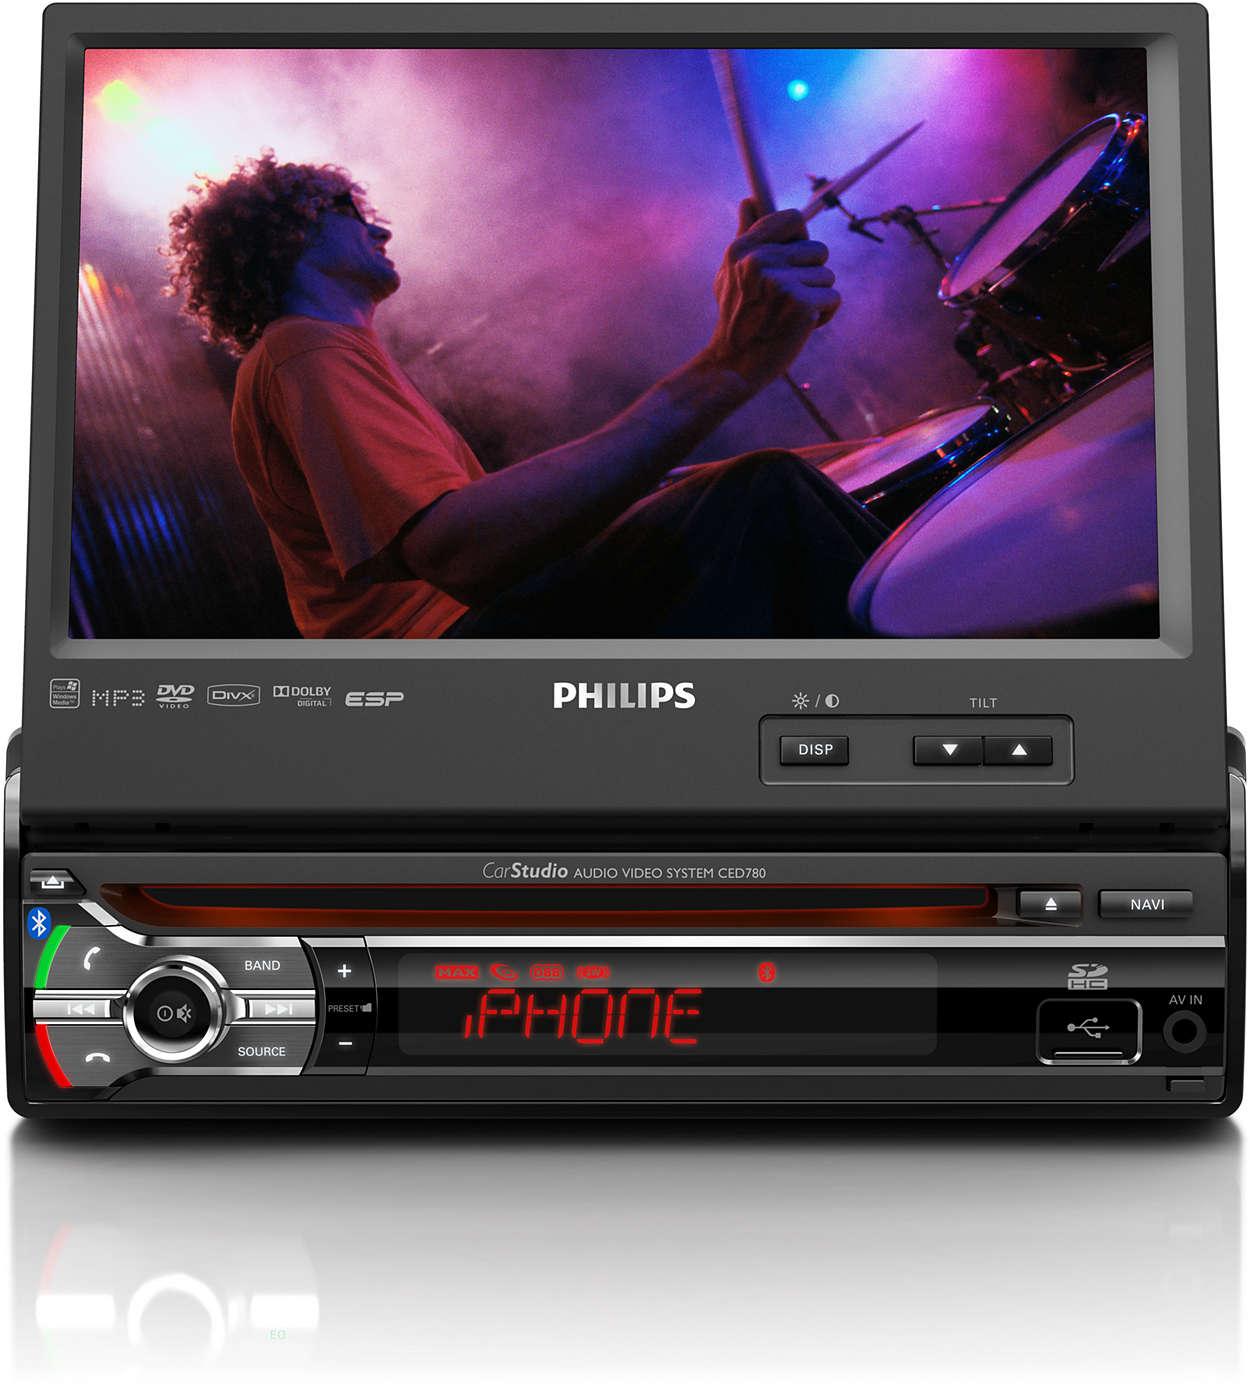 Mėgaukitės gyva muzika automobilyje žiūrėdami vaizdo įrašus